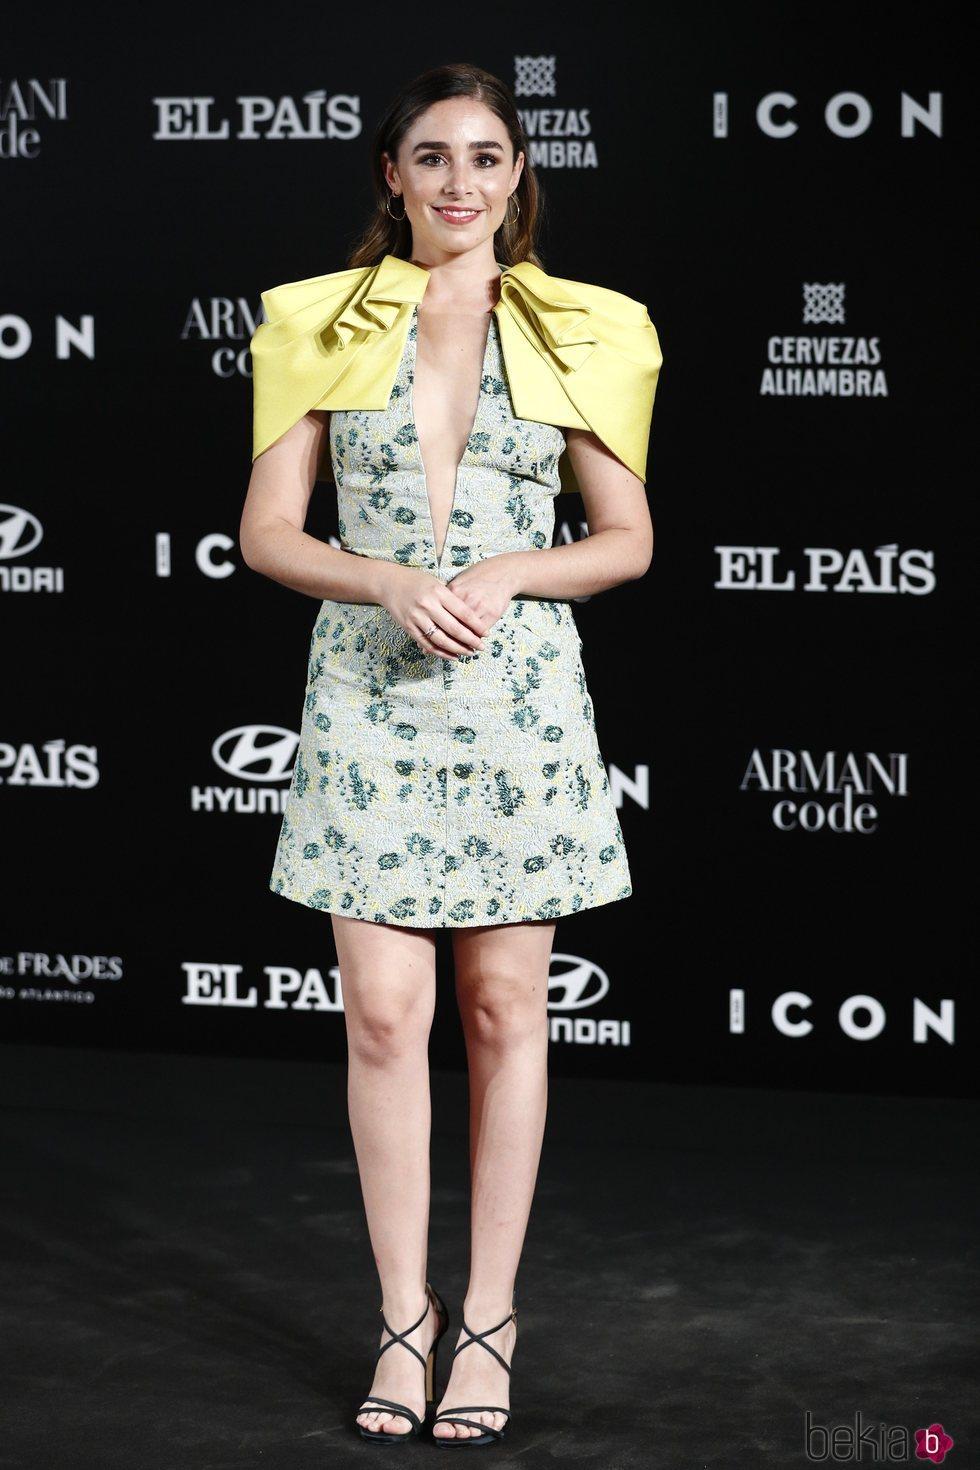 Candela Serrat en los Premios Icon 2019